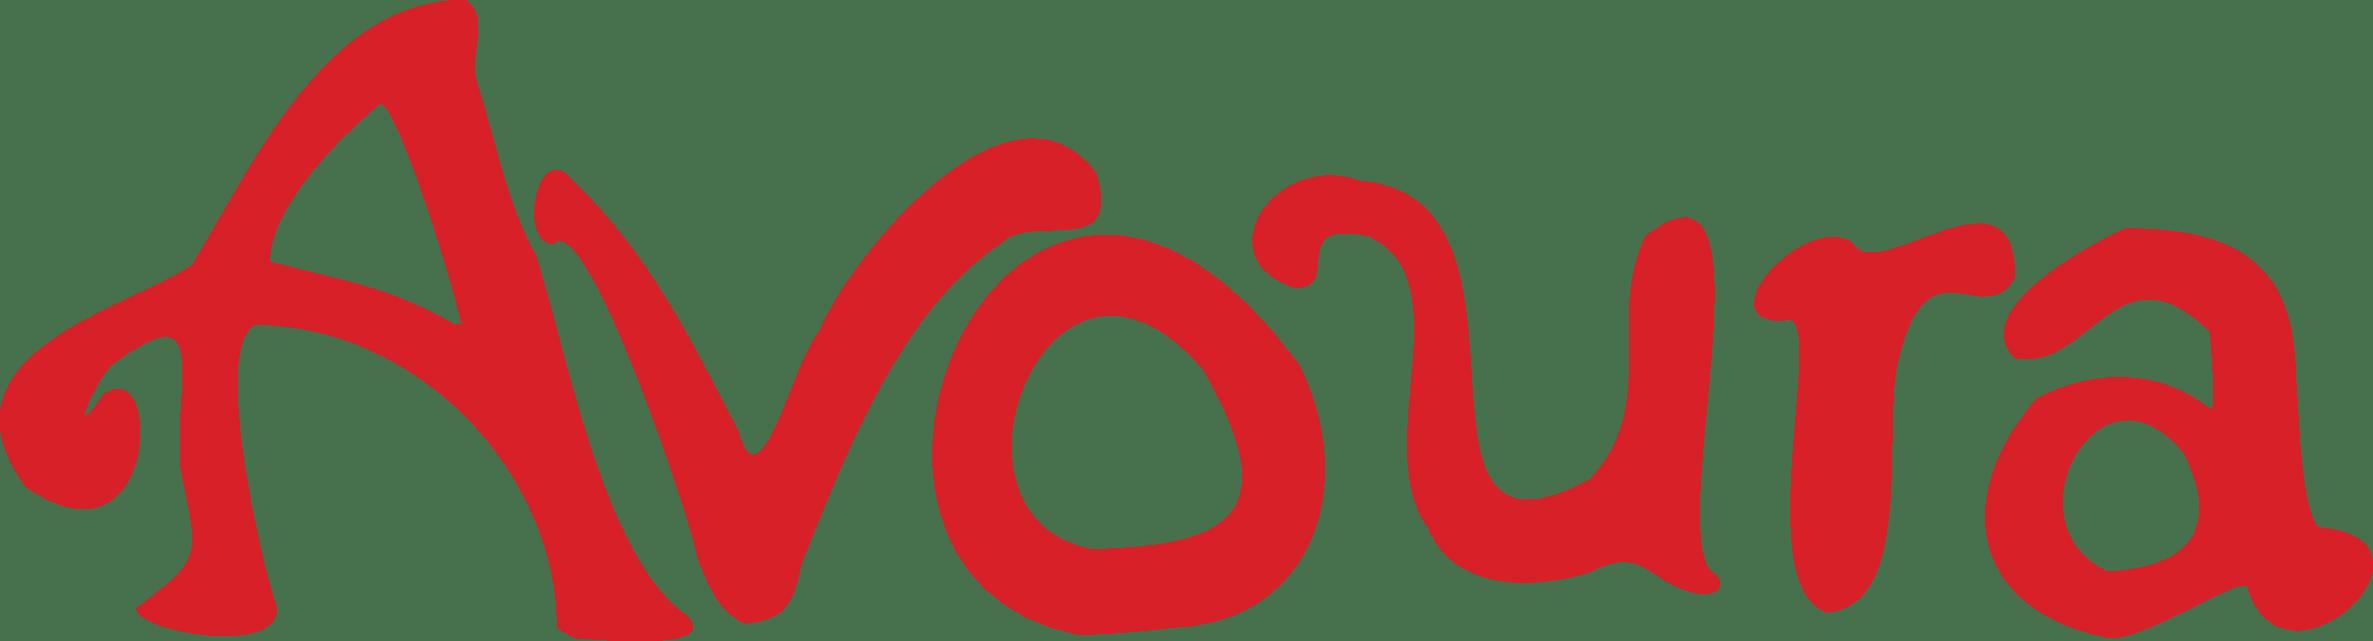 Avoura: Helping Authors Publish Books